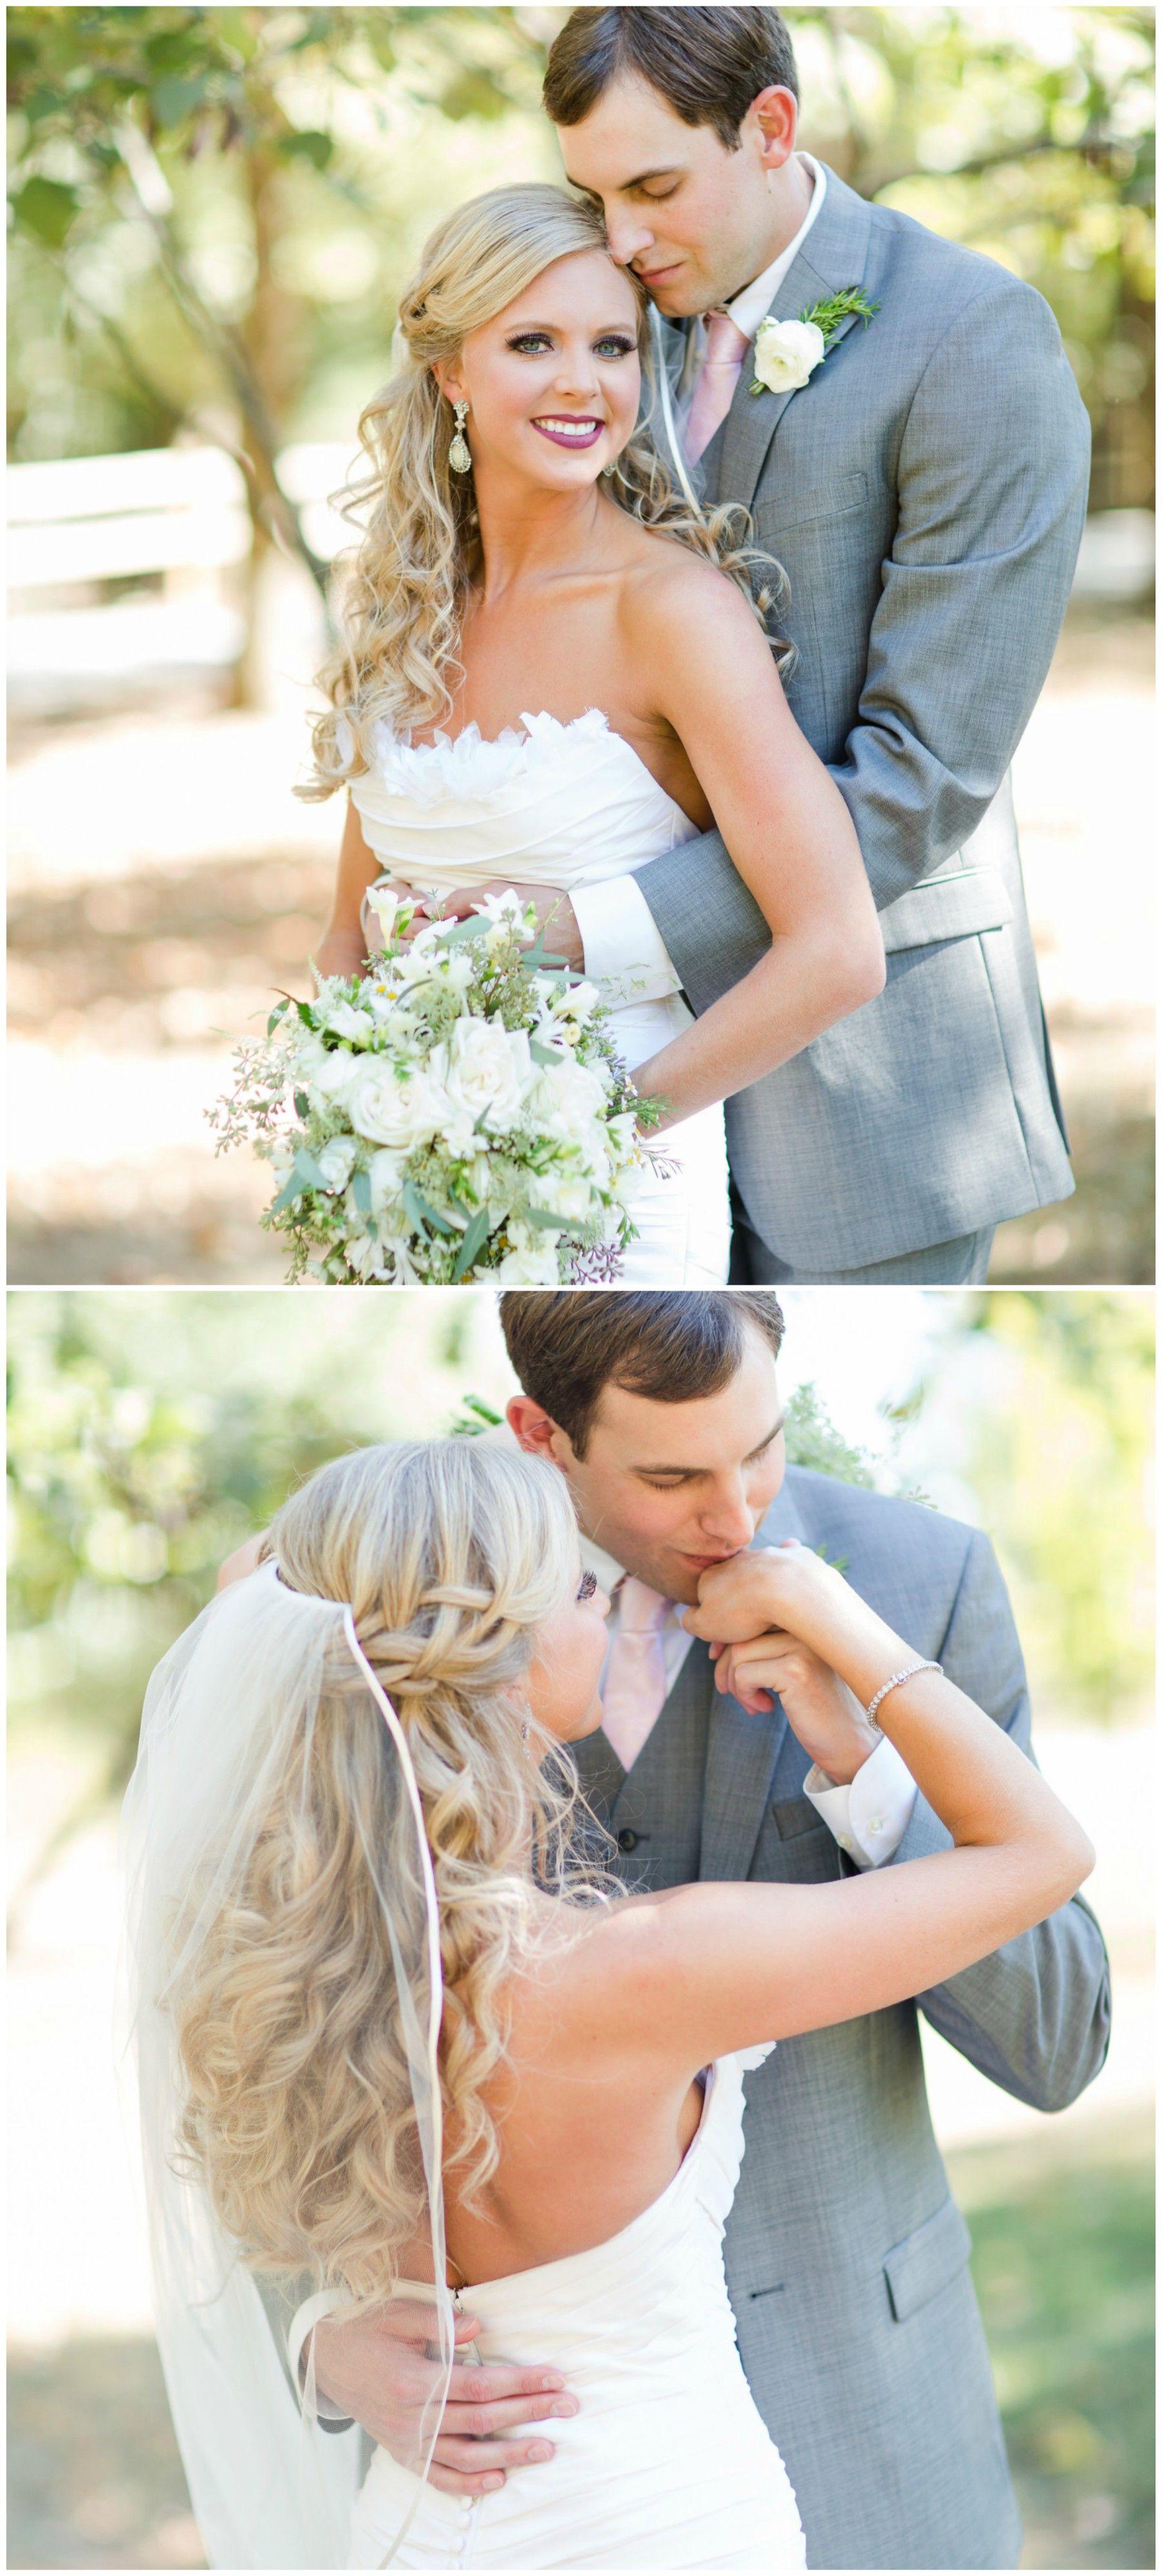 wedding hair ideas, curly blonde bridal hair, braided